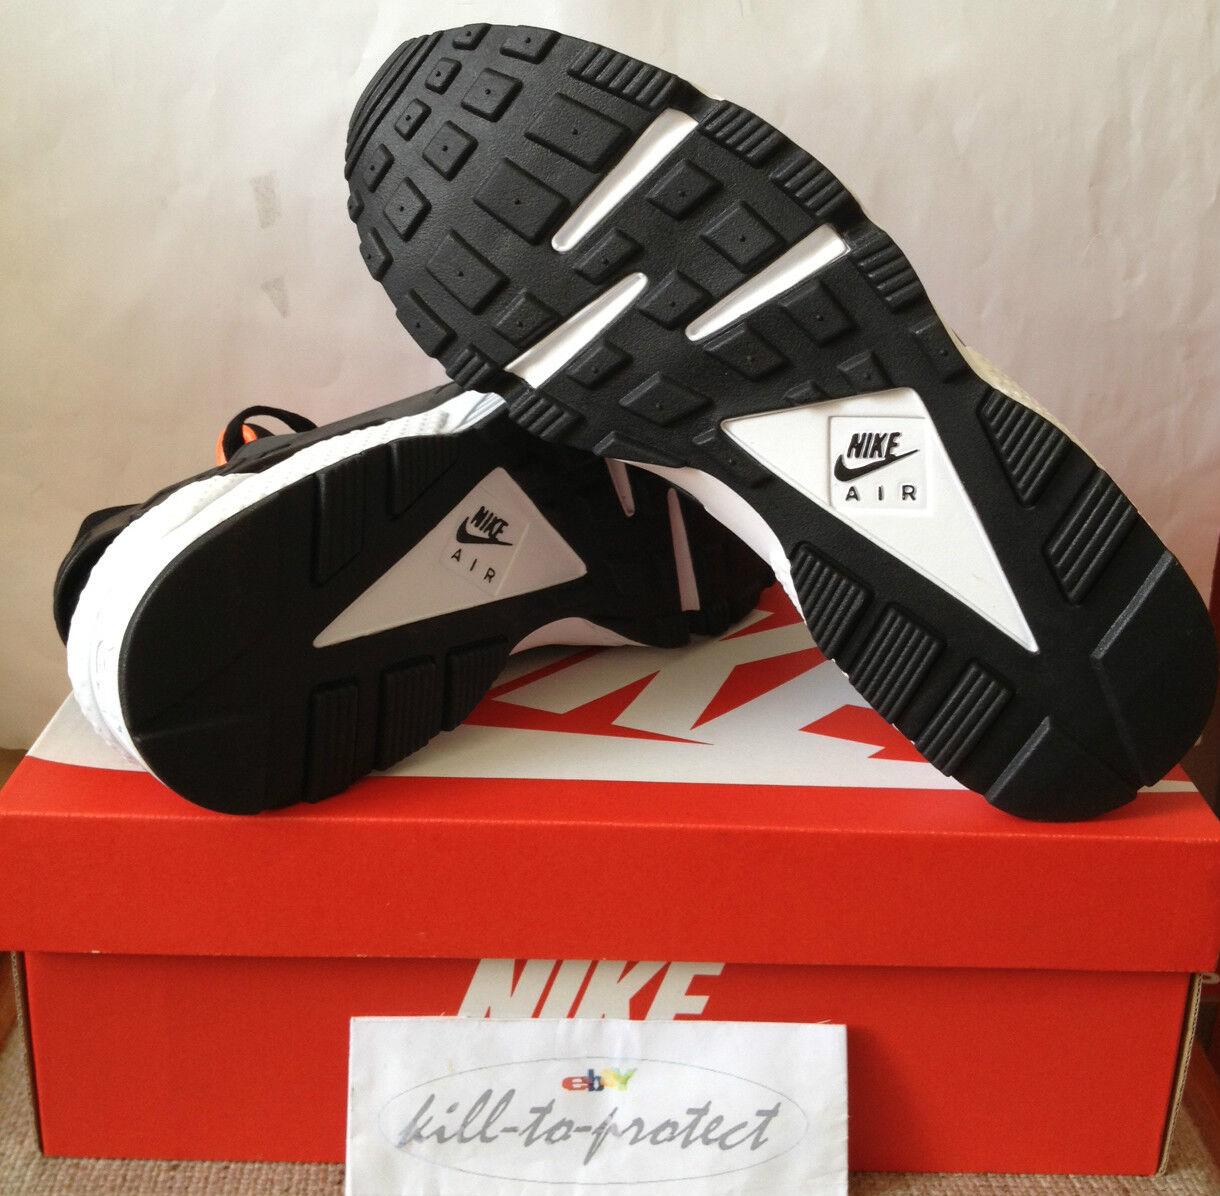 Nike air totale huarache le noi nero totale air arancione 318429-081 2013 0ad49d